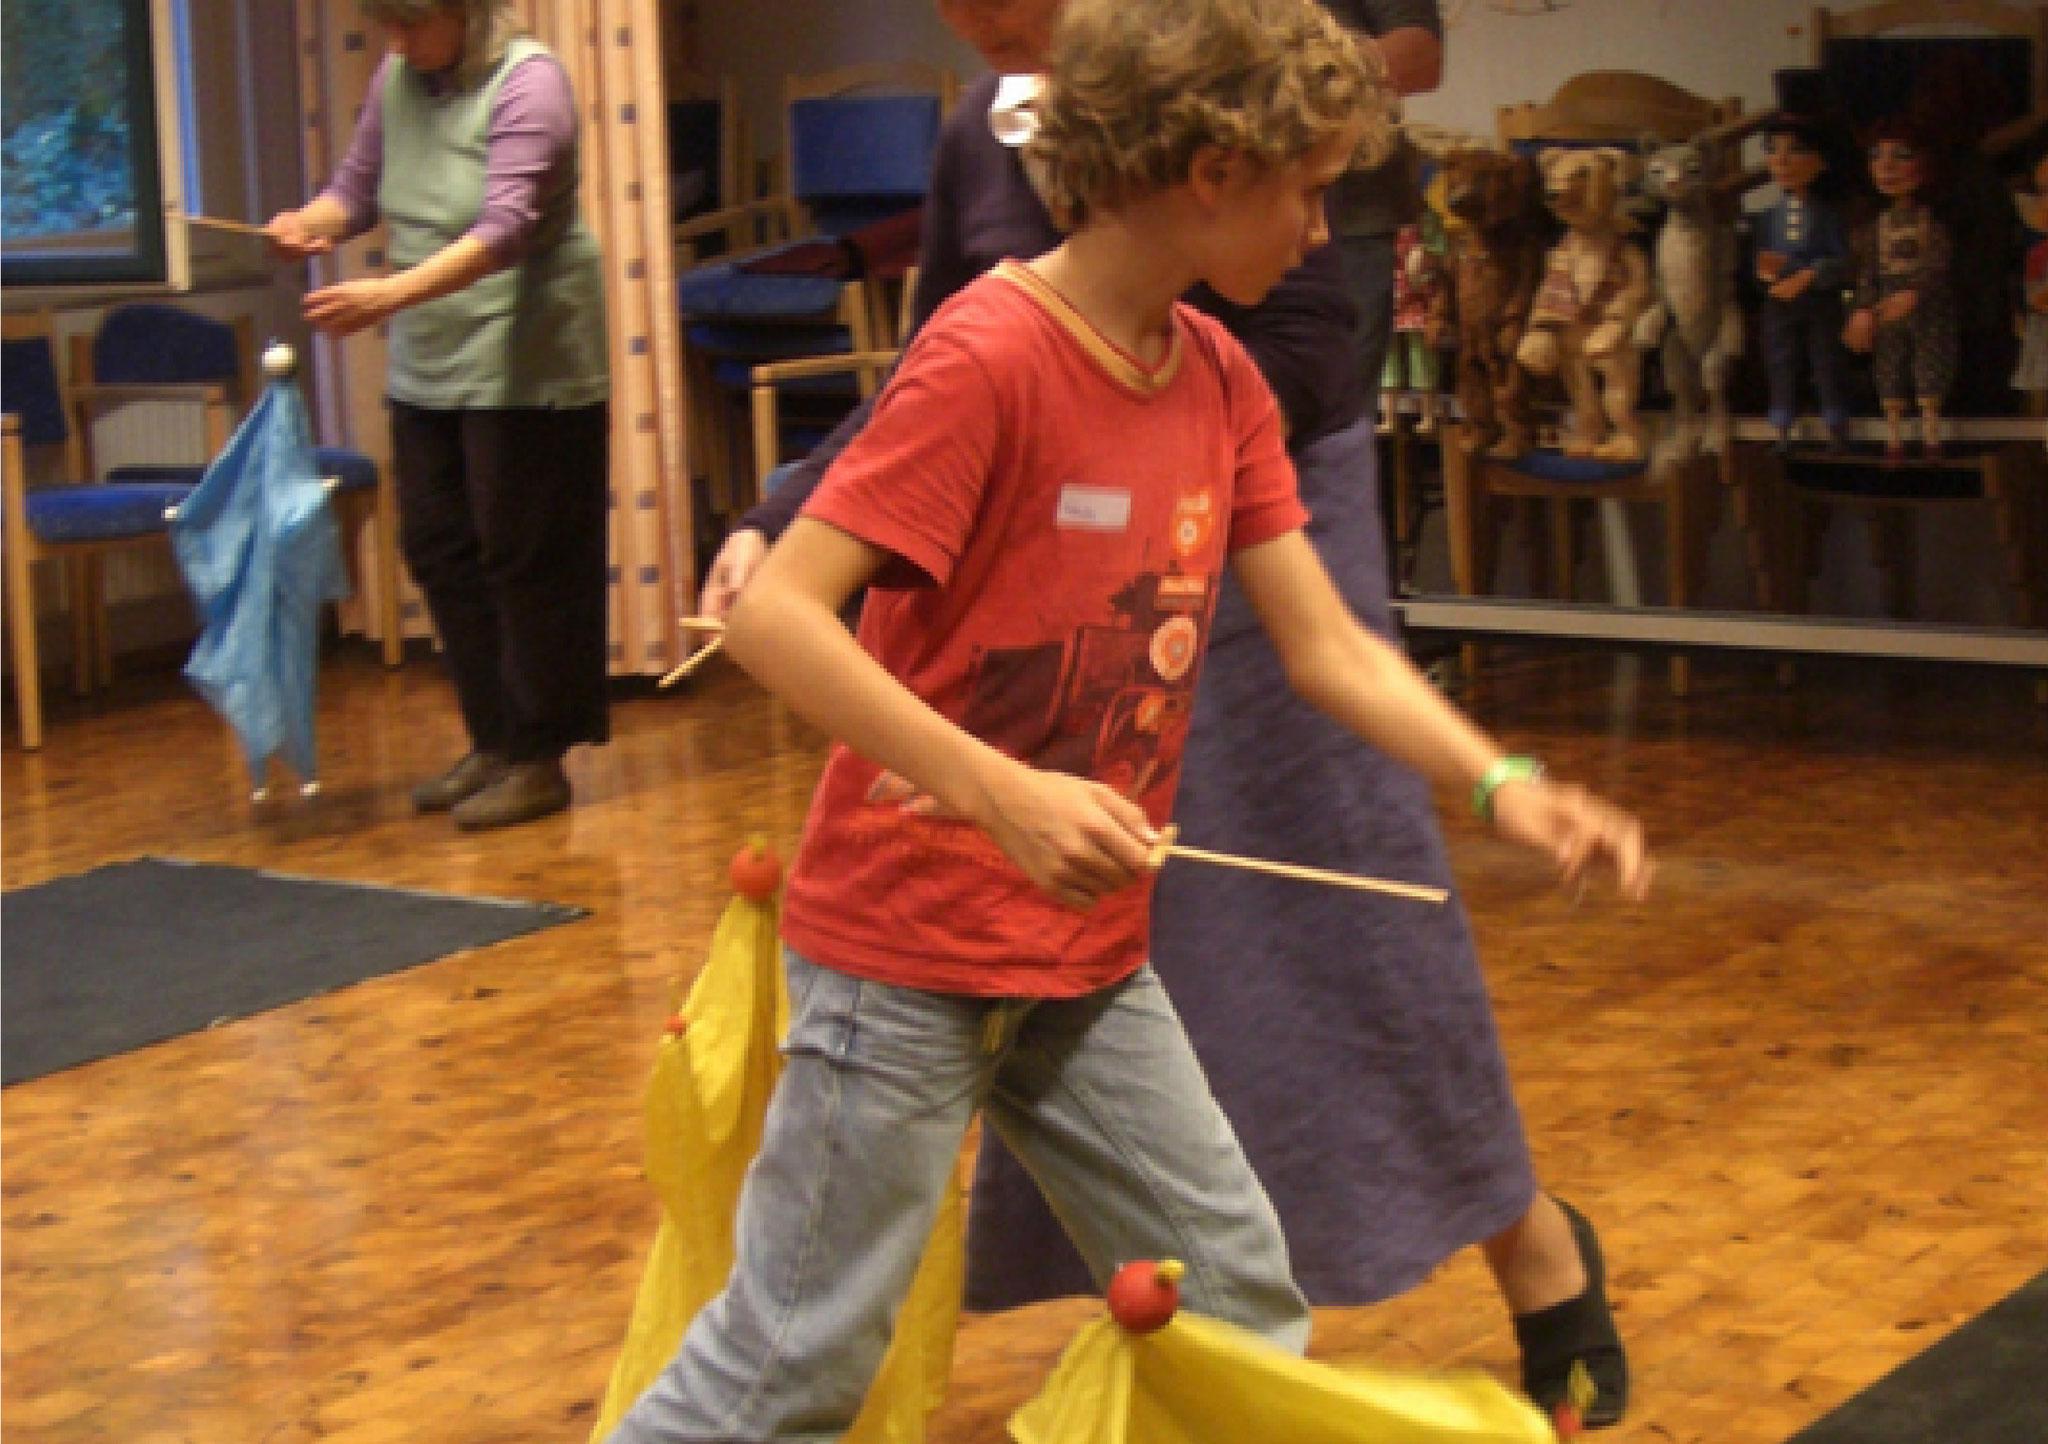 Mit Tücherfiguren zu Musik erobert man den Raum und lernt in großen freien Bewegungen mit der Marionette zu tanzen.